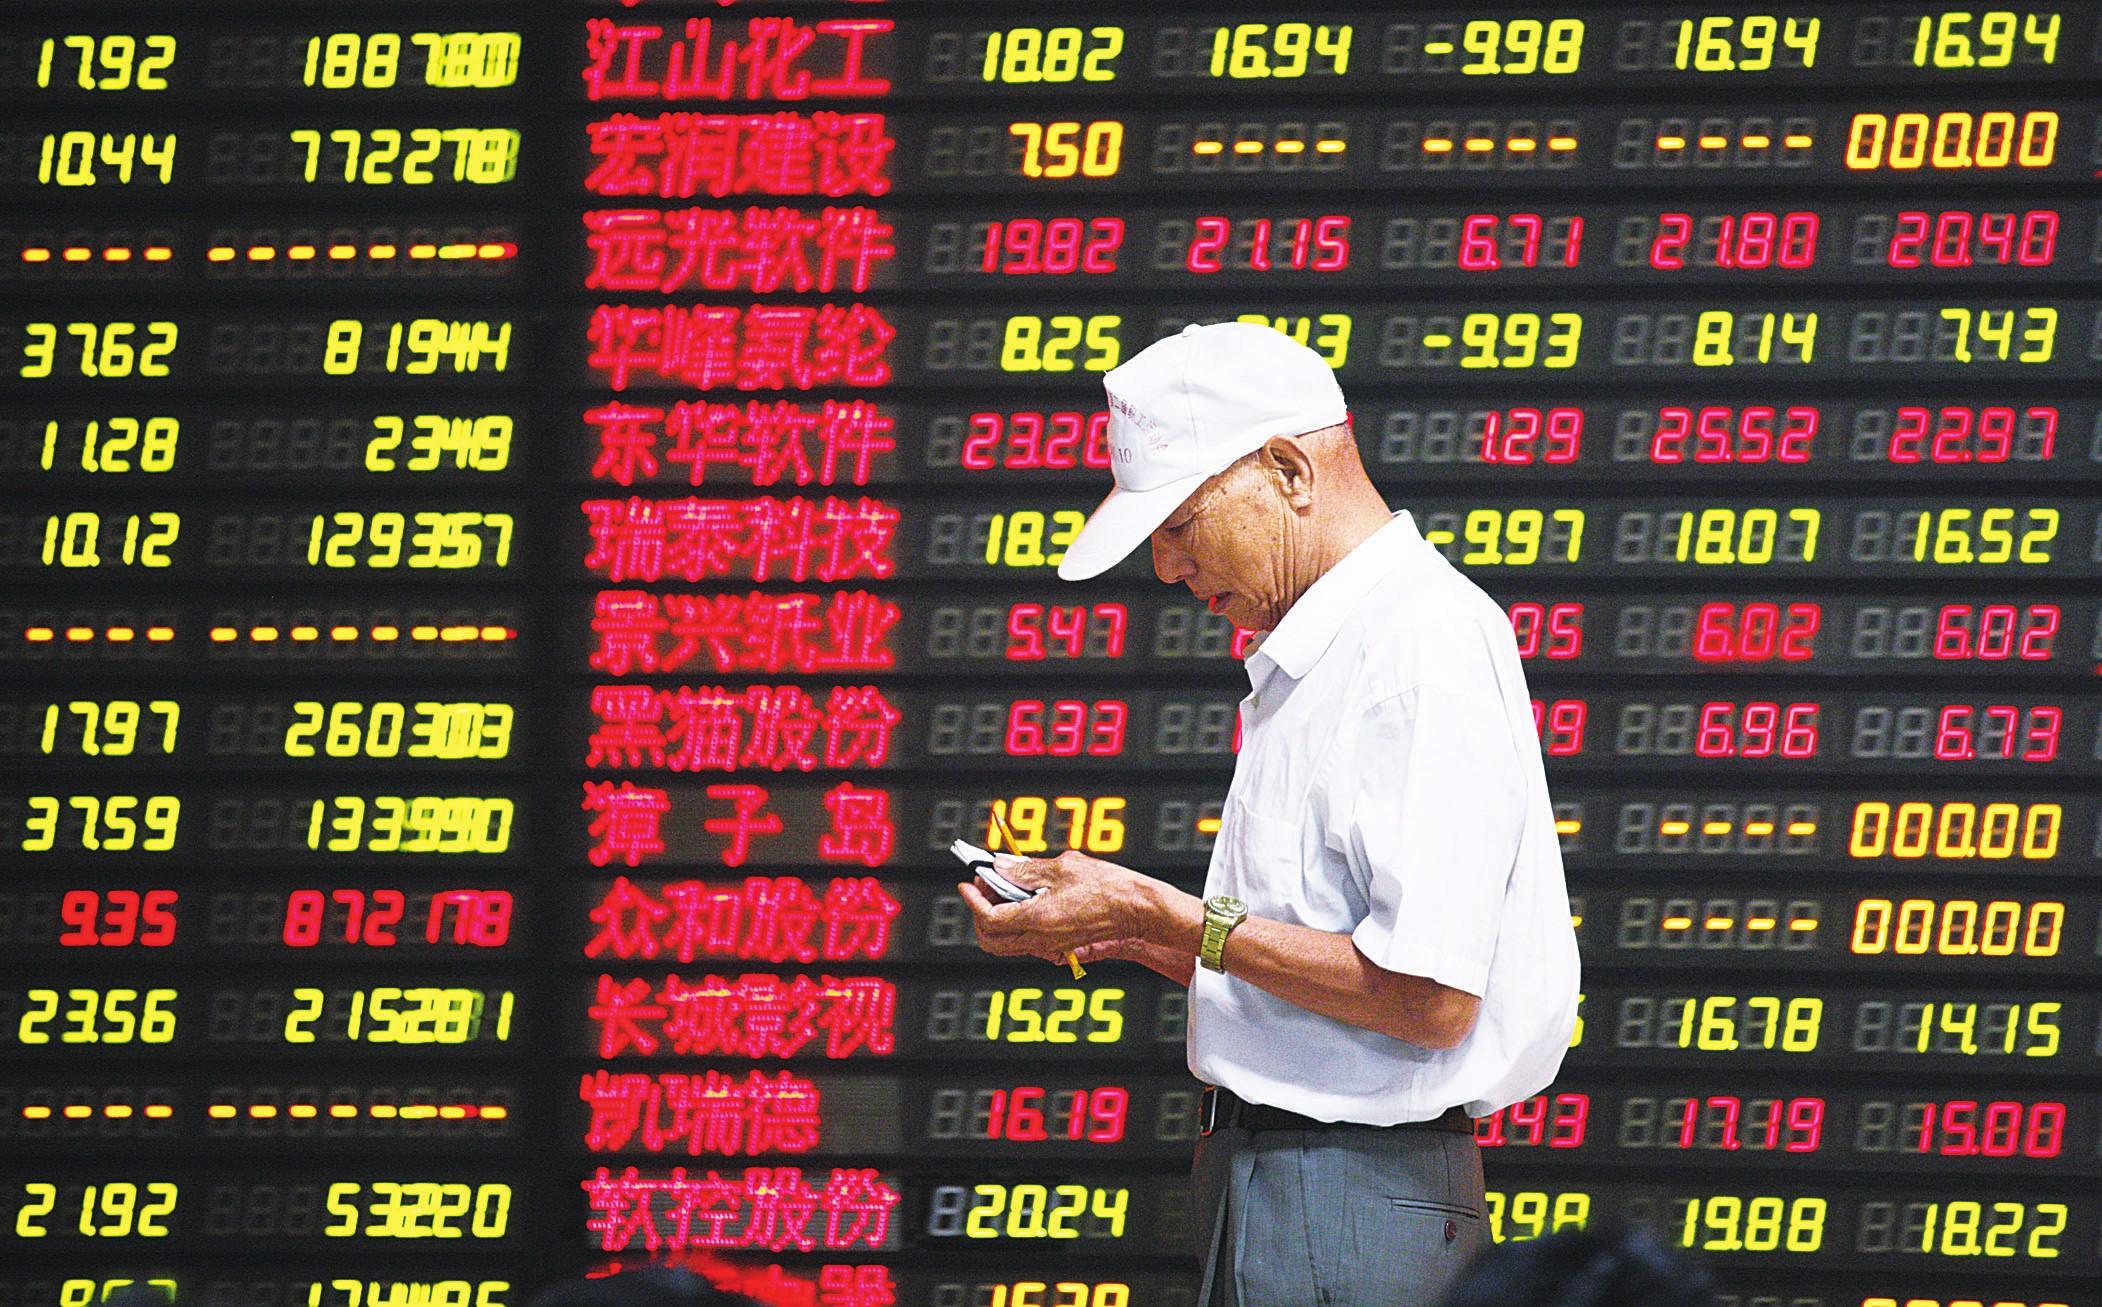 沪深股市行情:两市双双高开 沪指涨0.29%